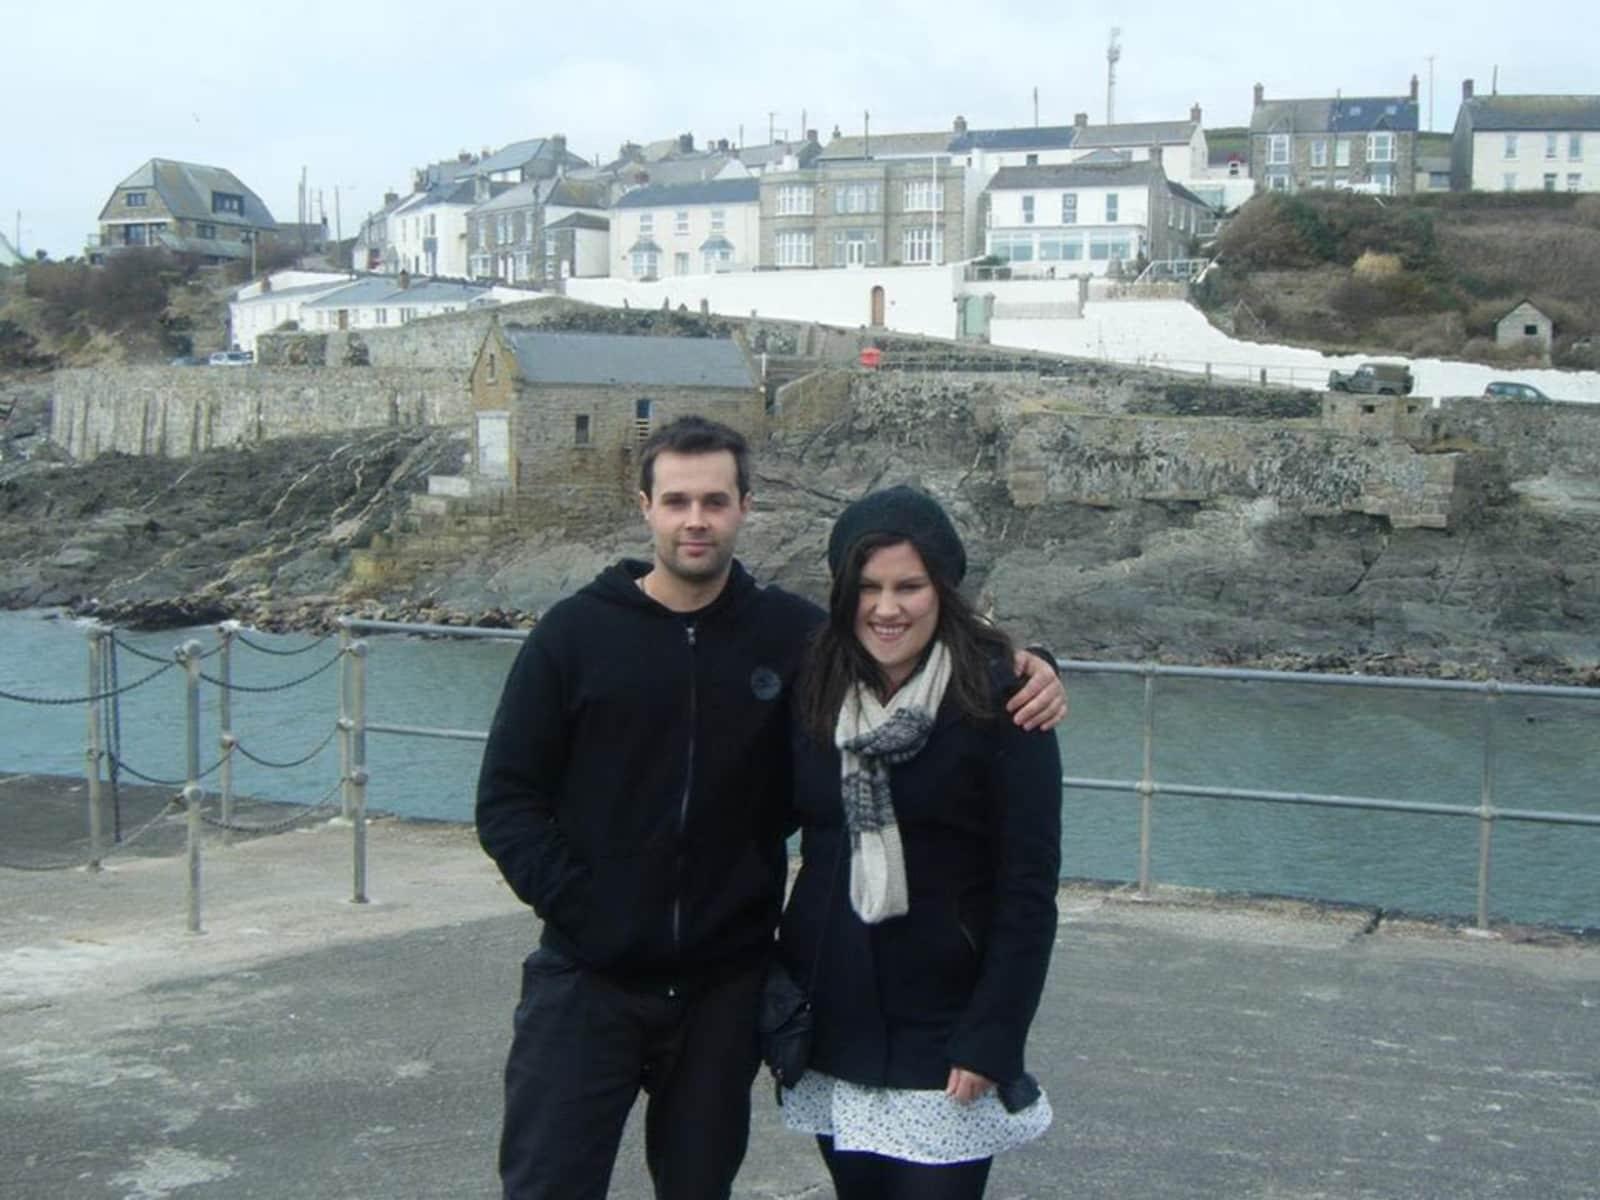 Cassie & Ben from Wellington, New Zealand